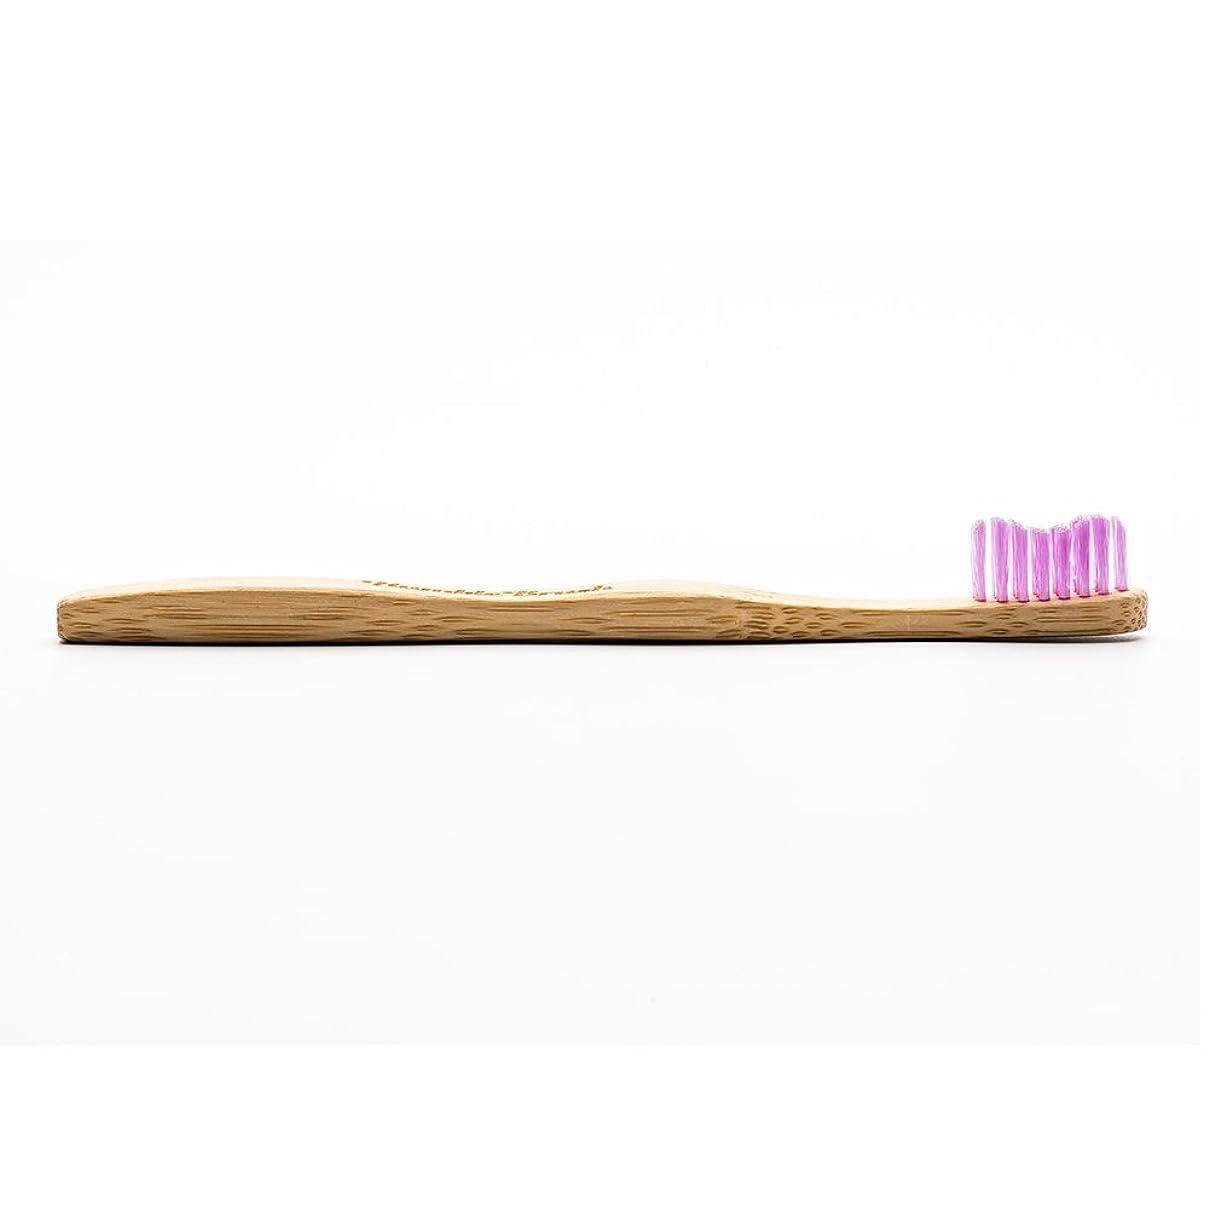 通信網満足再集計HUMBLE BRUSH(ハンブルブラッシュ) 歯ブラシ キッズ パープル